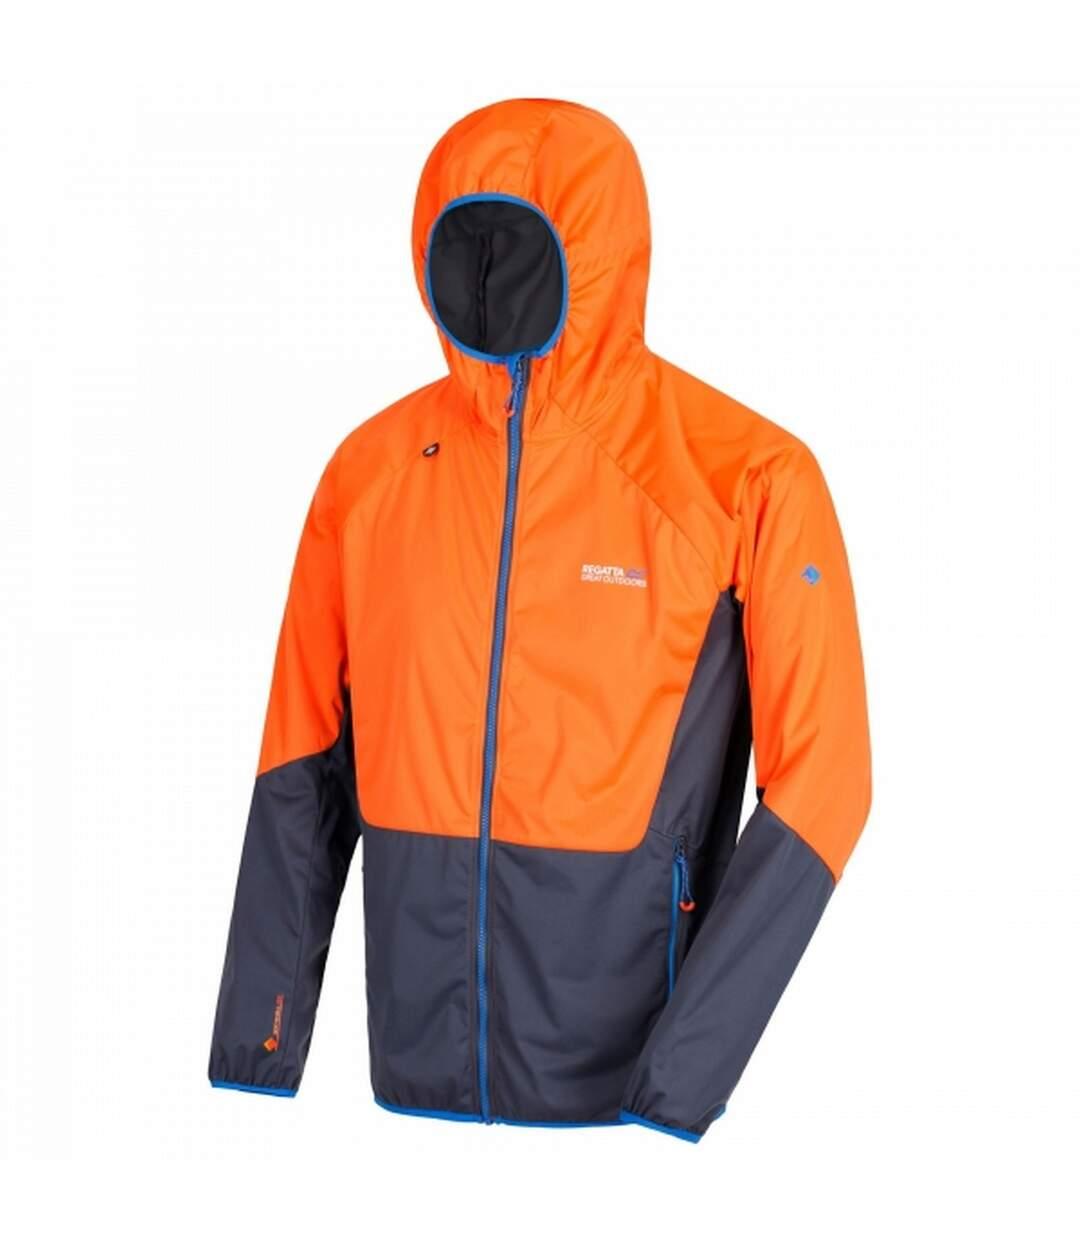 Regatta Mens Tarvos Hooded Jacket (Bright Red Orange/Granite Grey) - UTRG3666